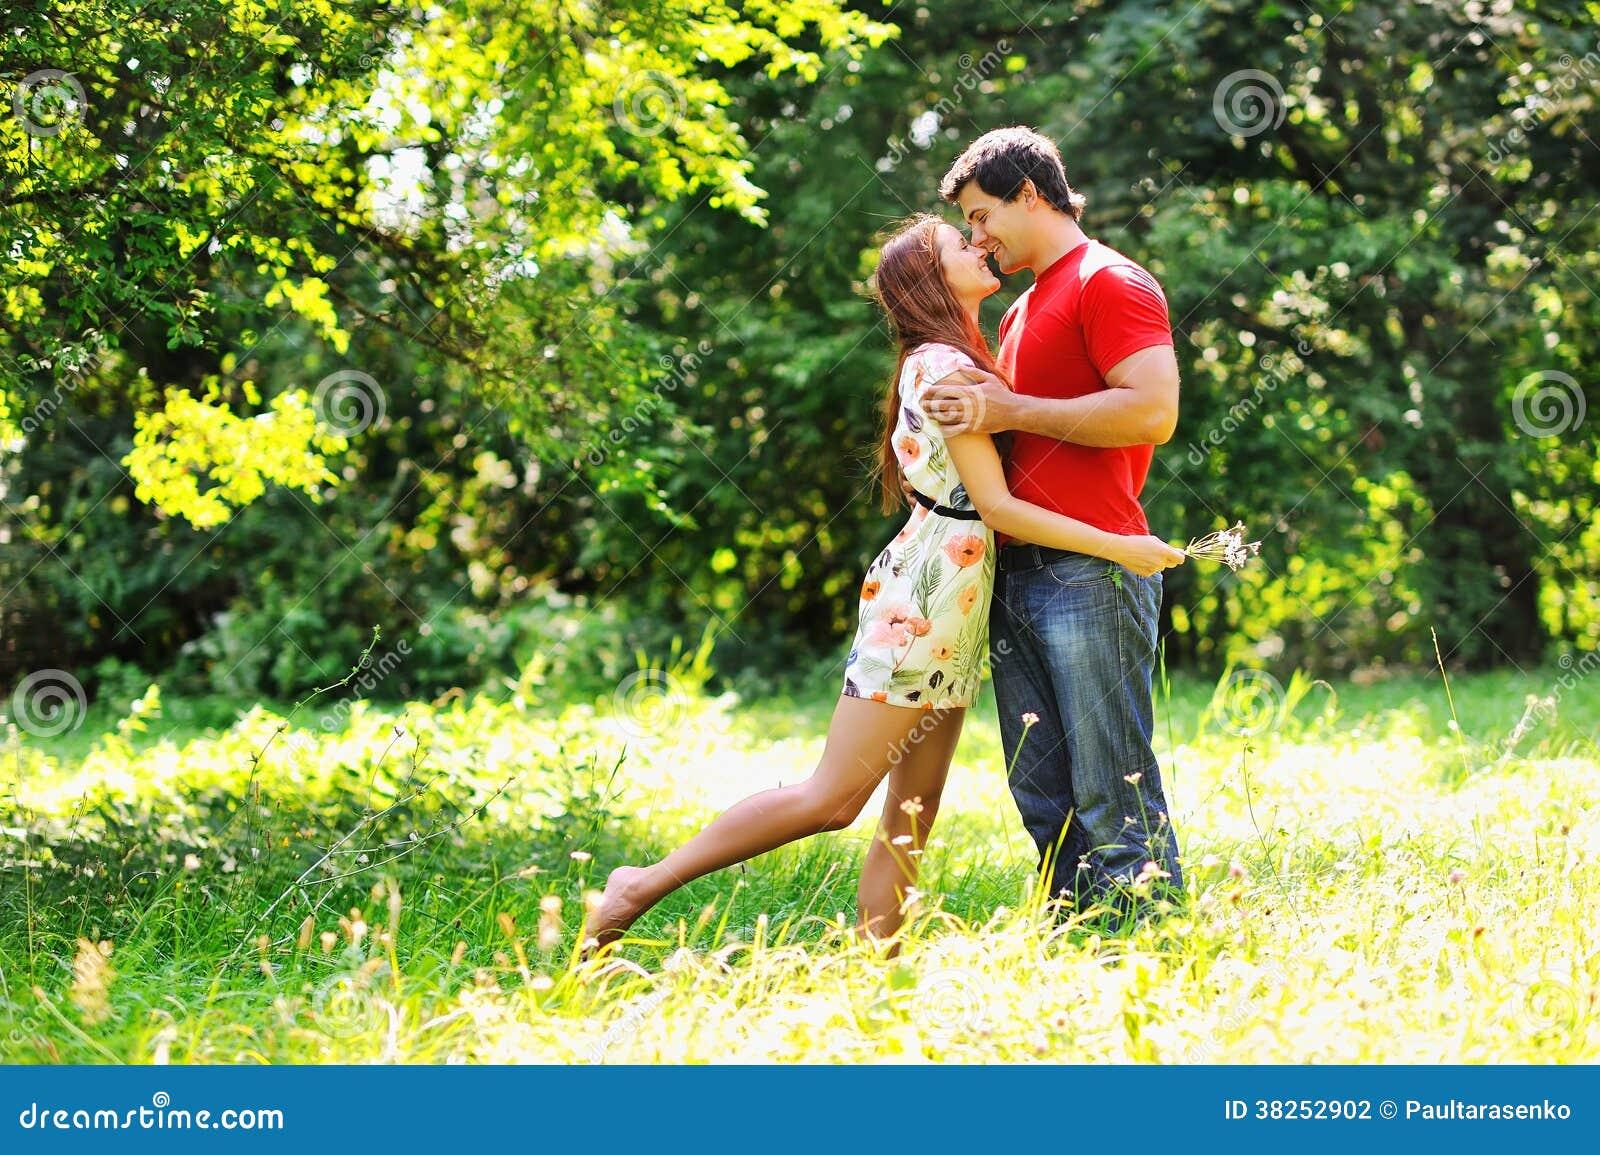 年轻美好的夫妇。笑和亲吻。夏天绿色公园